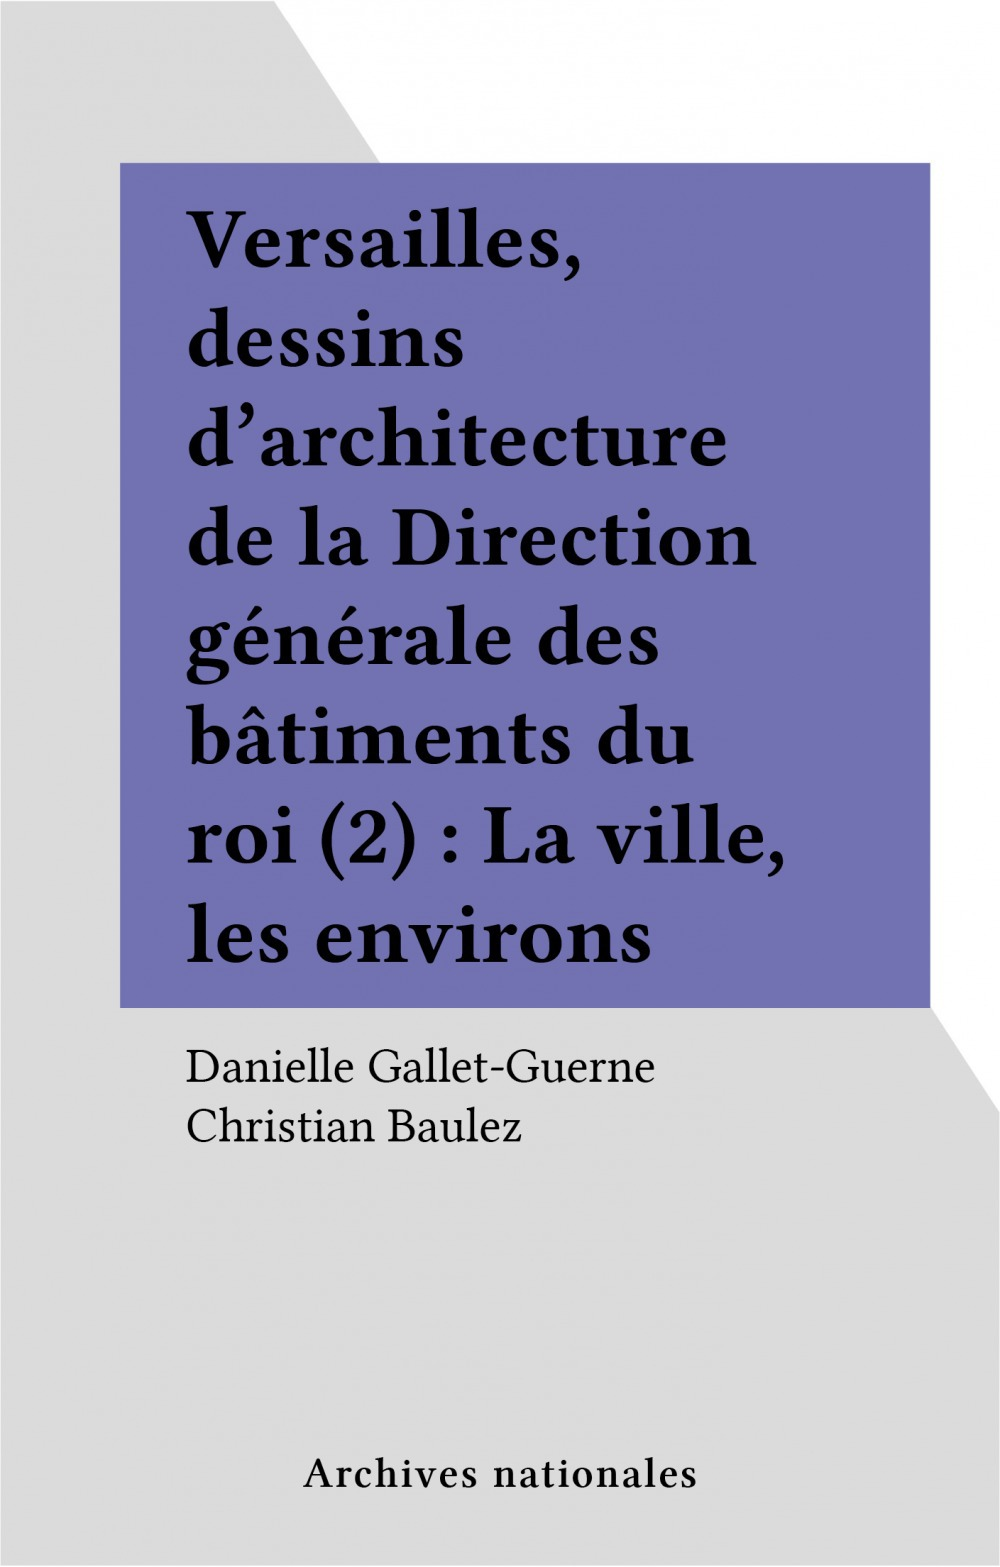 Versailles, dessins d'architecture de la Direction générale des bâtiments du roi (2) : La ville, les environs